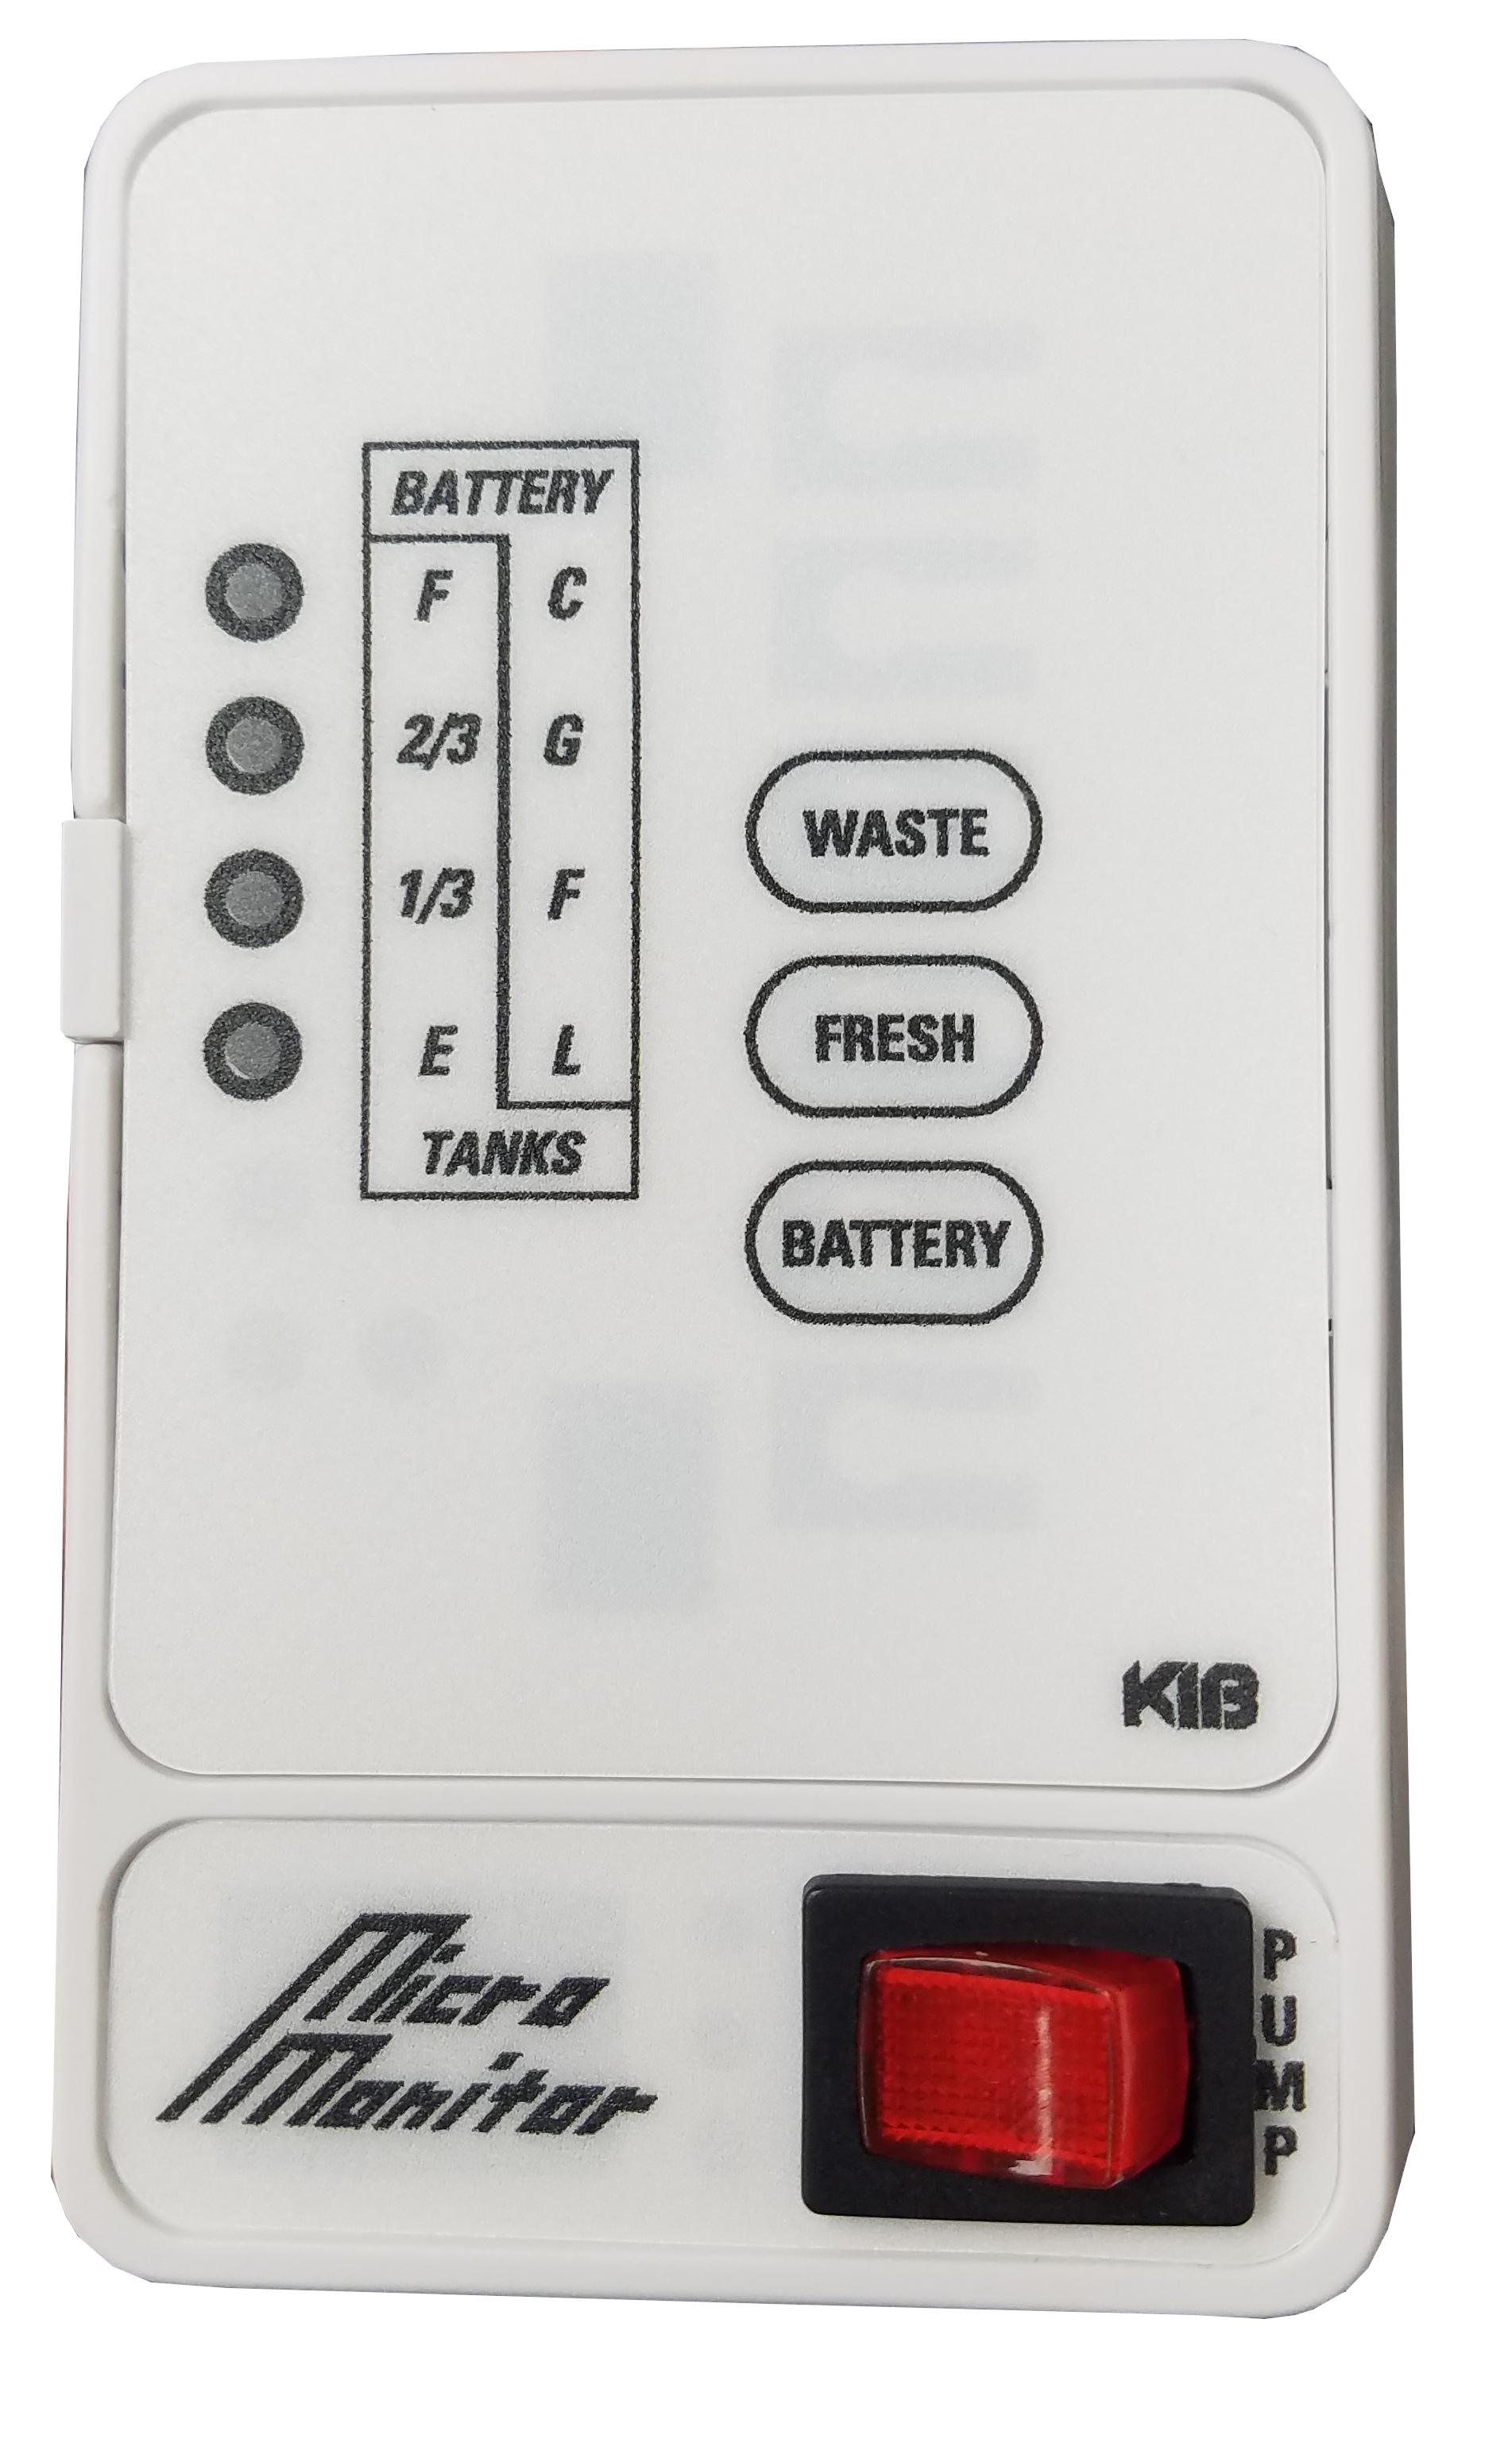 KIB 2 Tank Monitor Panel 12 volt - White Face Plate